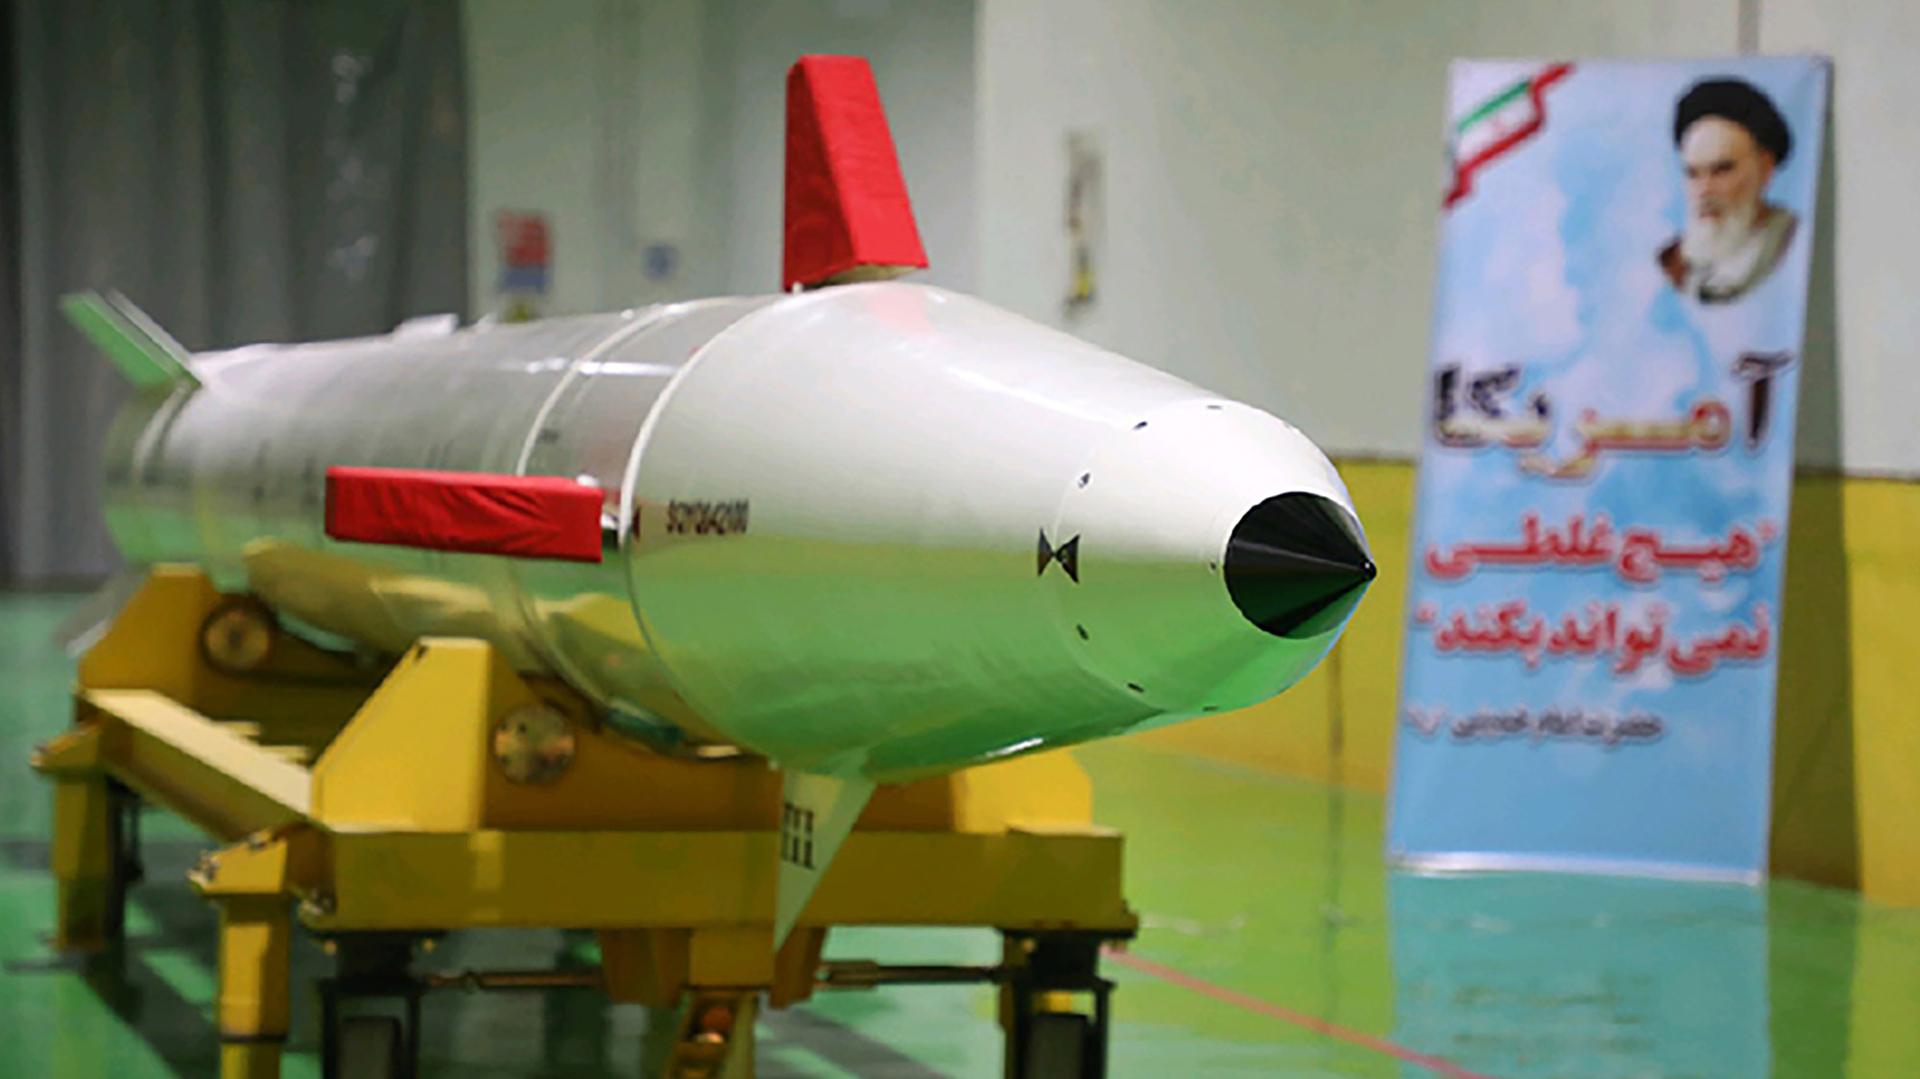 """Yafarí subrayó que """"la presentación de esta ciudad de producción de misiles en las profundidades de la tierra es una respuesta a los disparates que dicen los occidentales"""" (AFP)"""